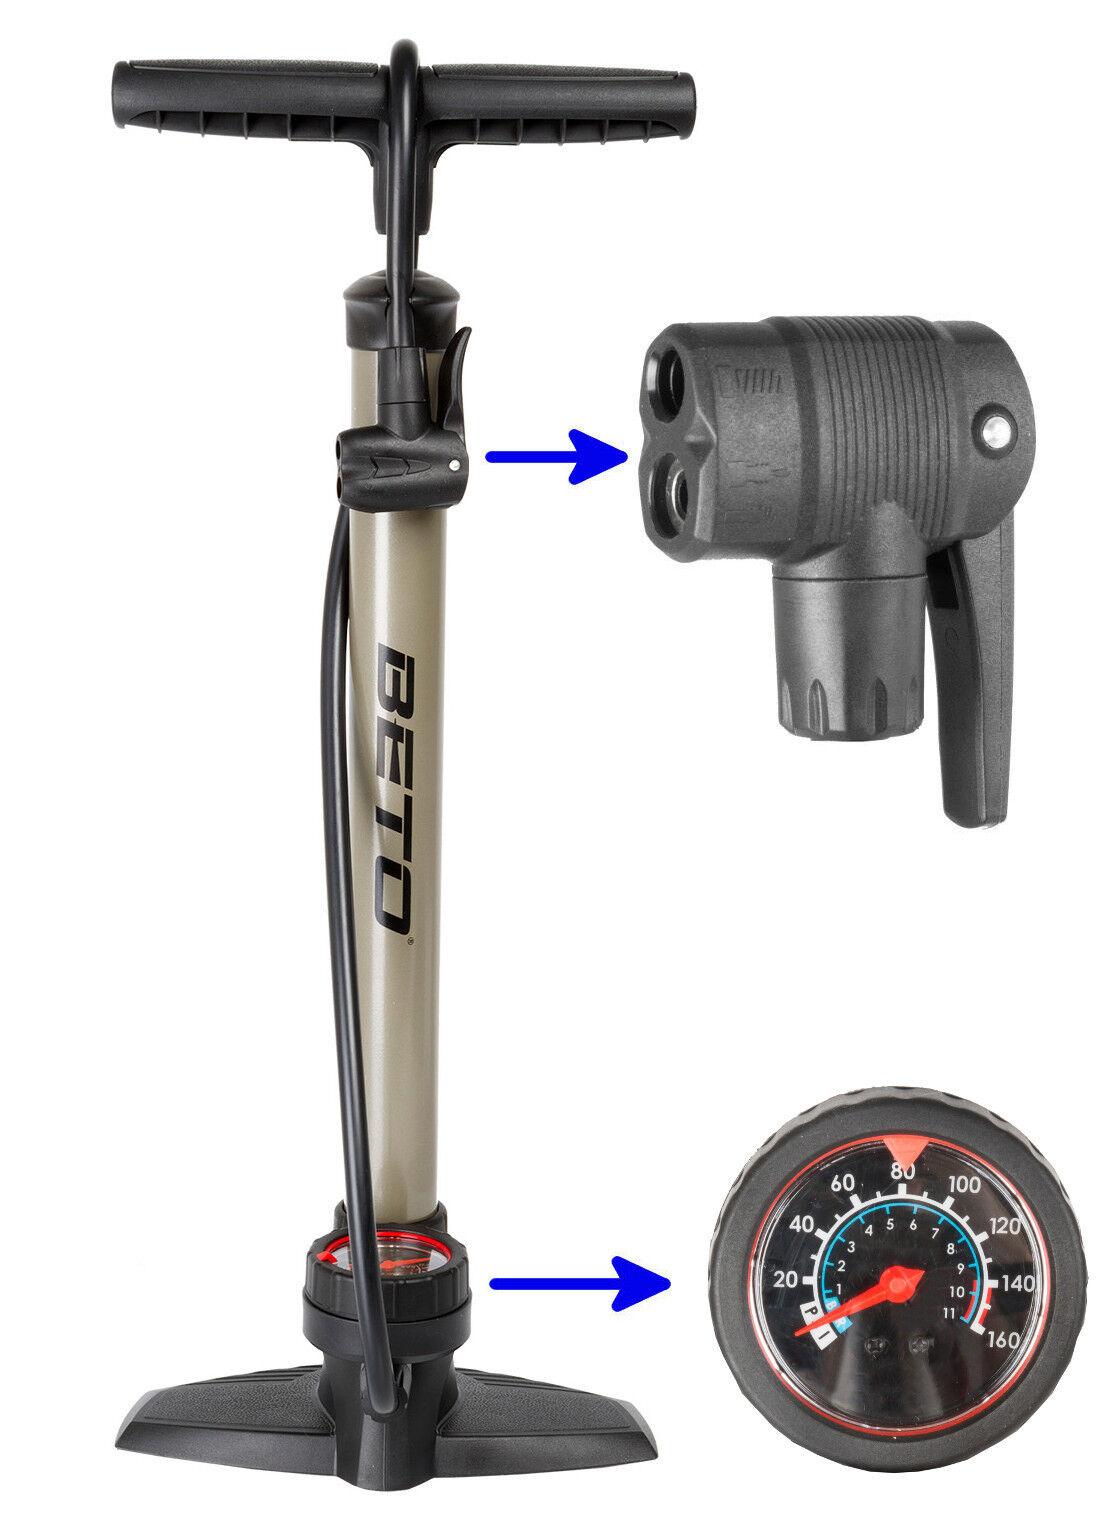 BETO Standpumpe mit Manometer Hochdruck Luftpumpe Fahrradpumpe für alle Ventile